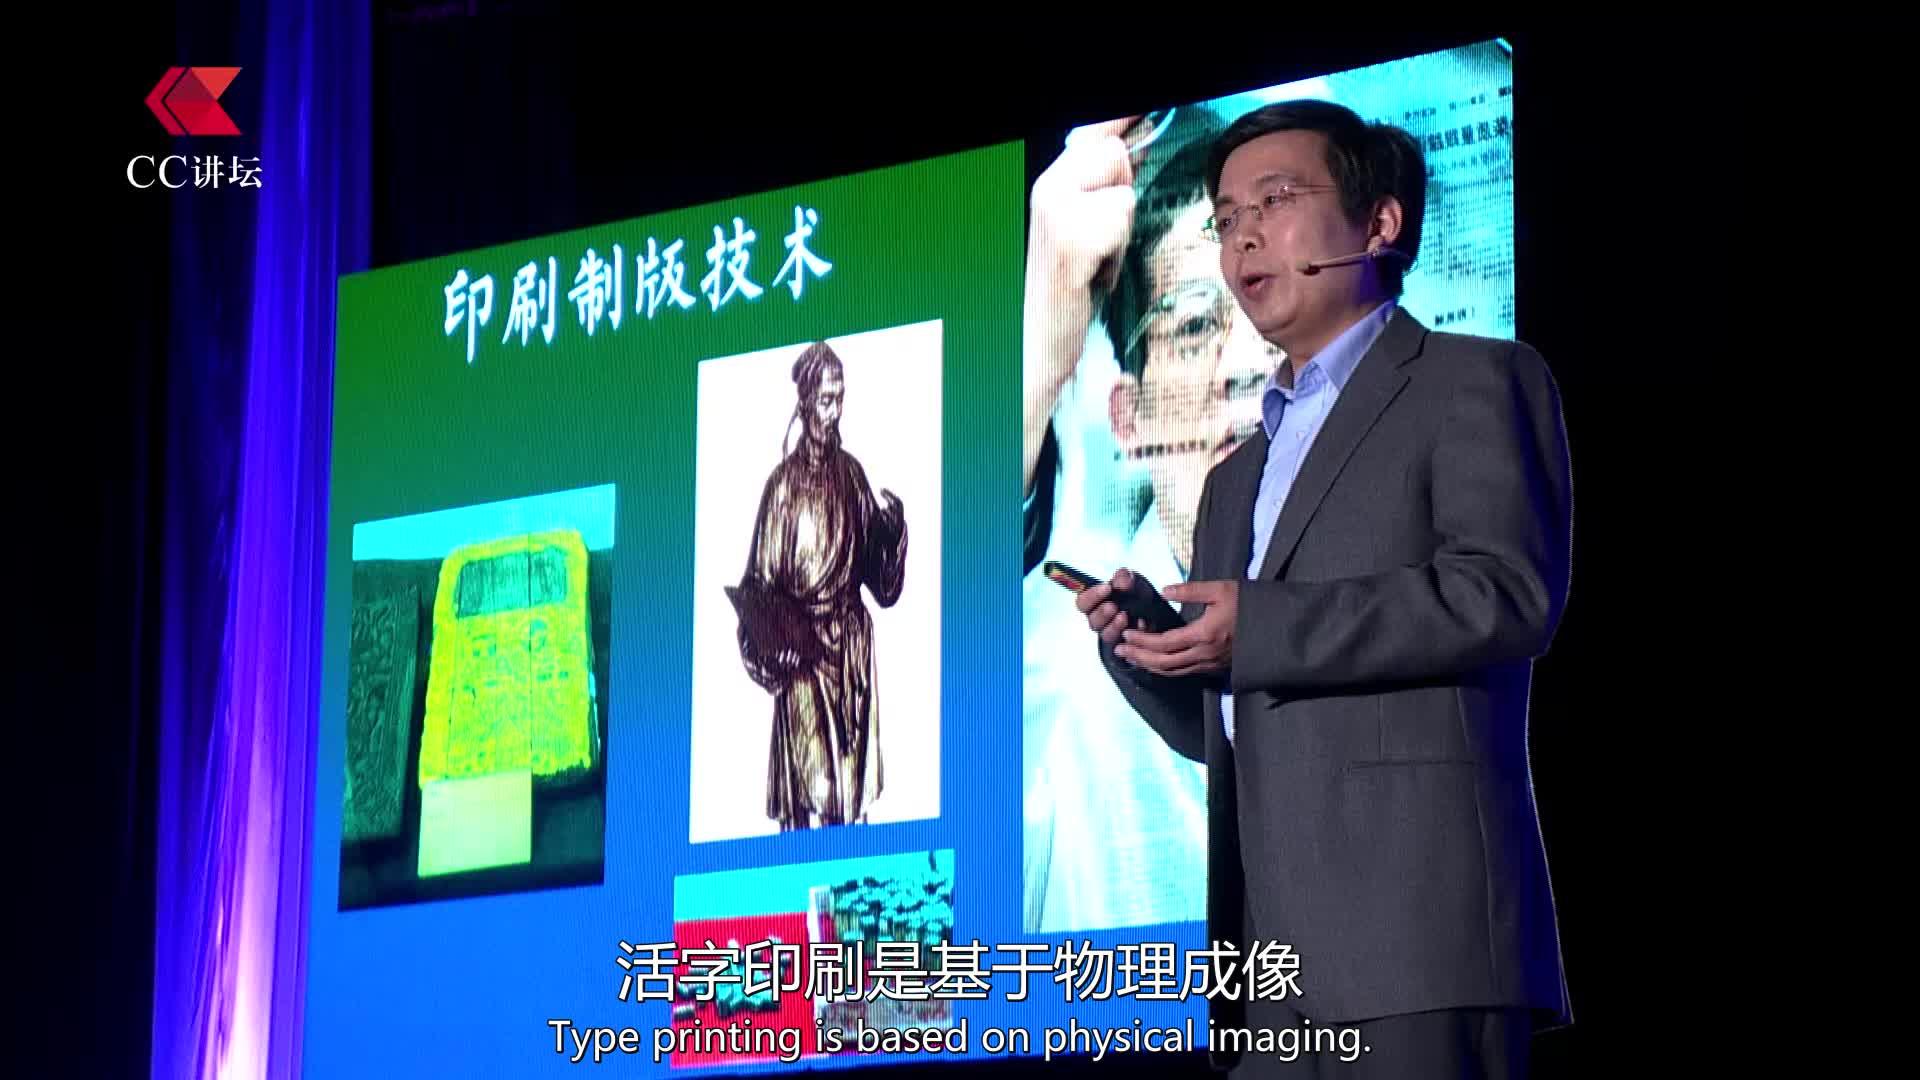 CC讲坛——宋延林:改变未来的纳米印刷